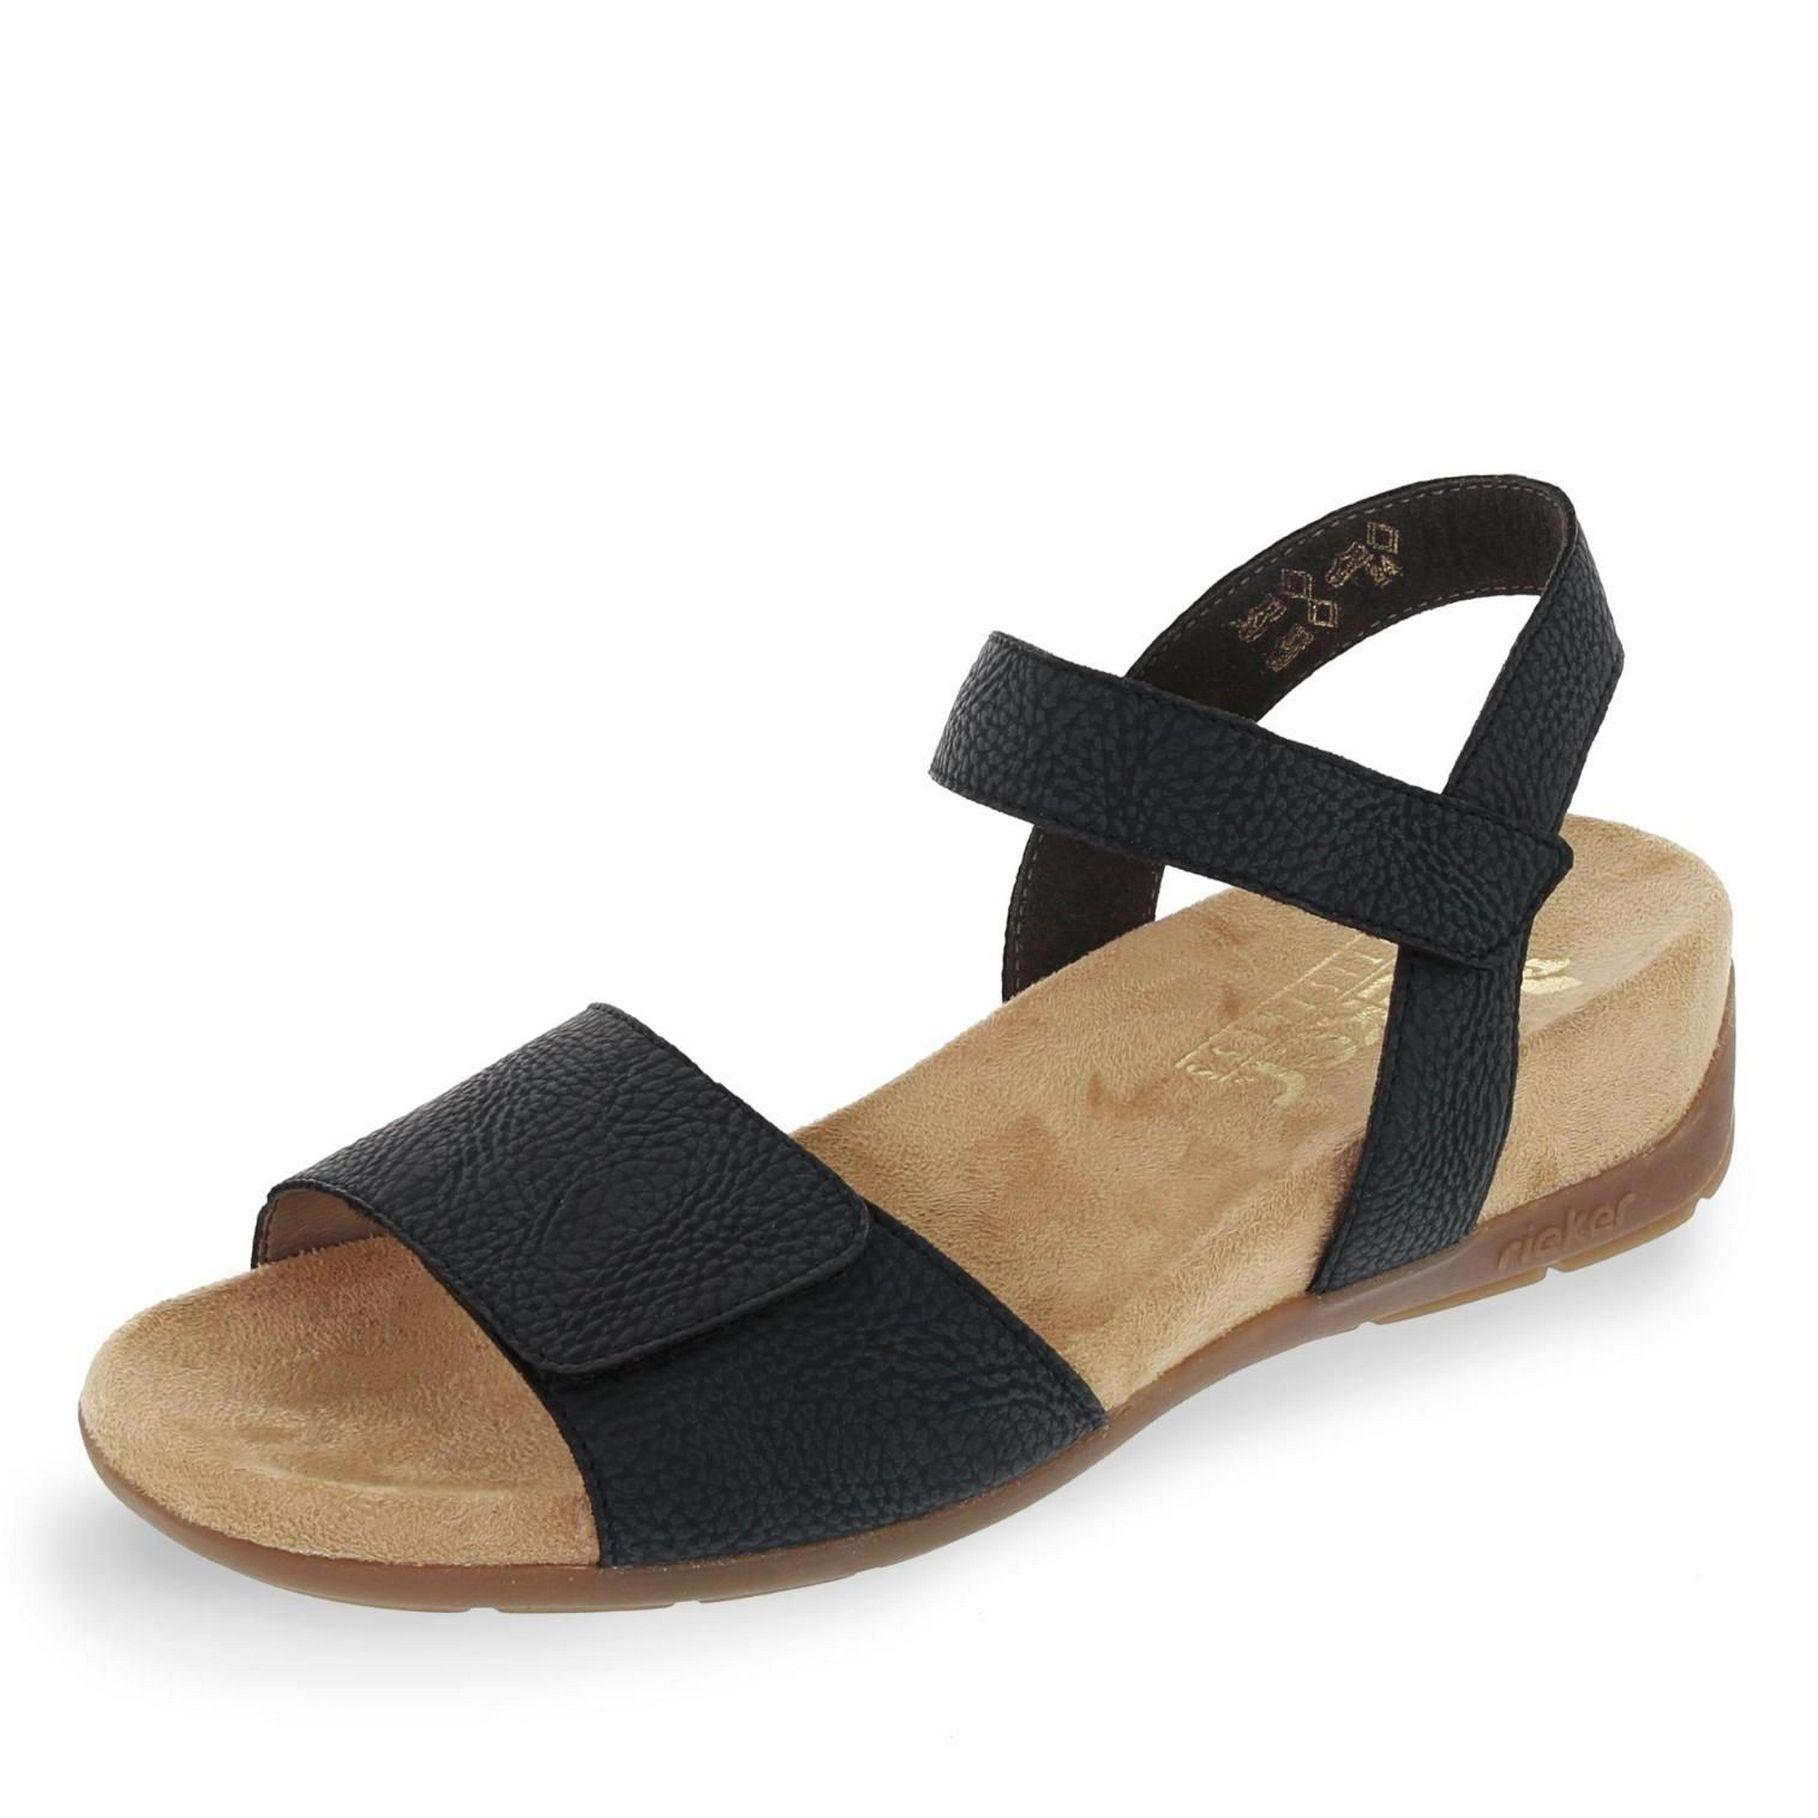 heißer verkauf Sandale Schuhe 39 Neuwer Pantoletten